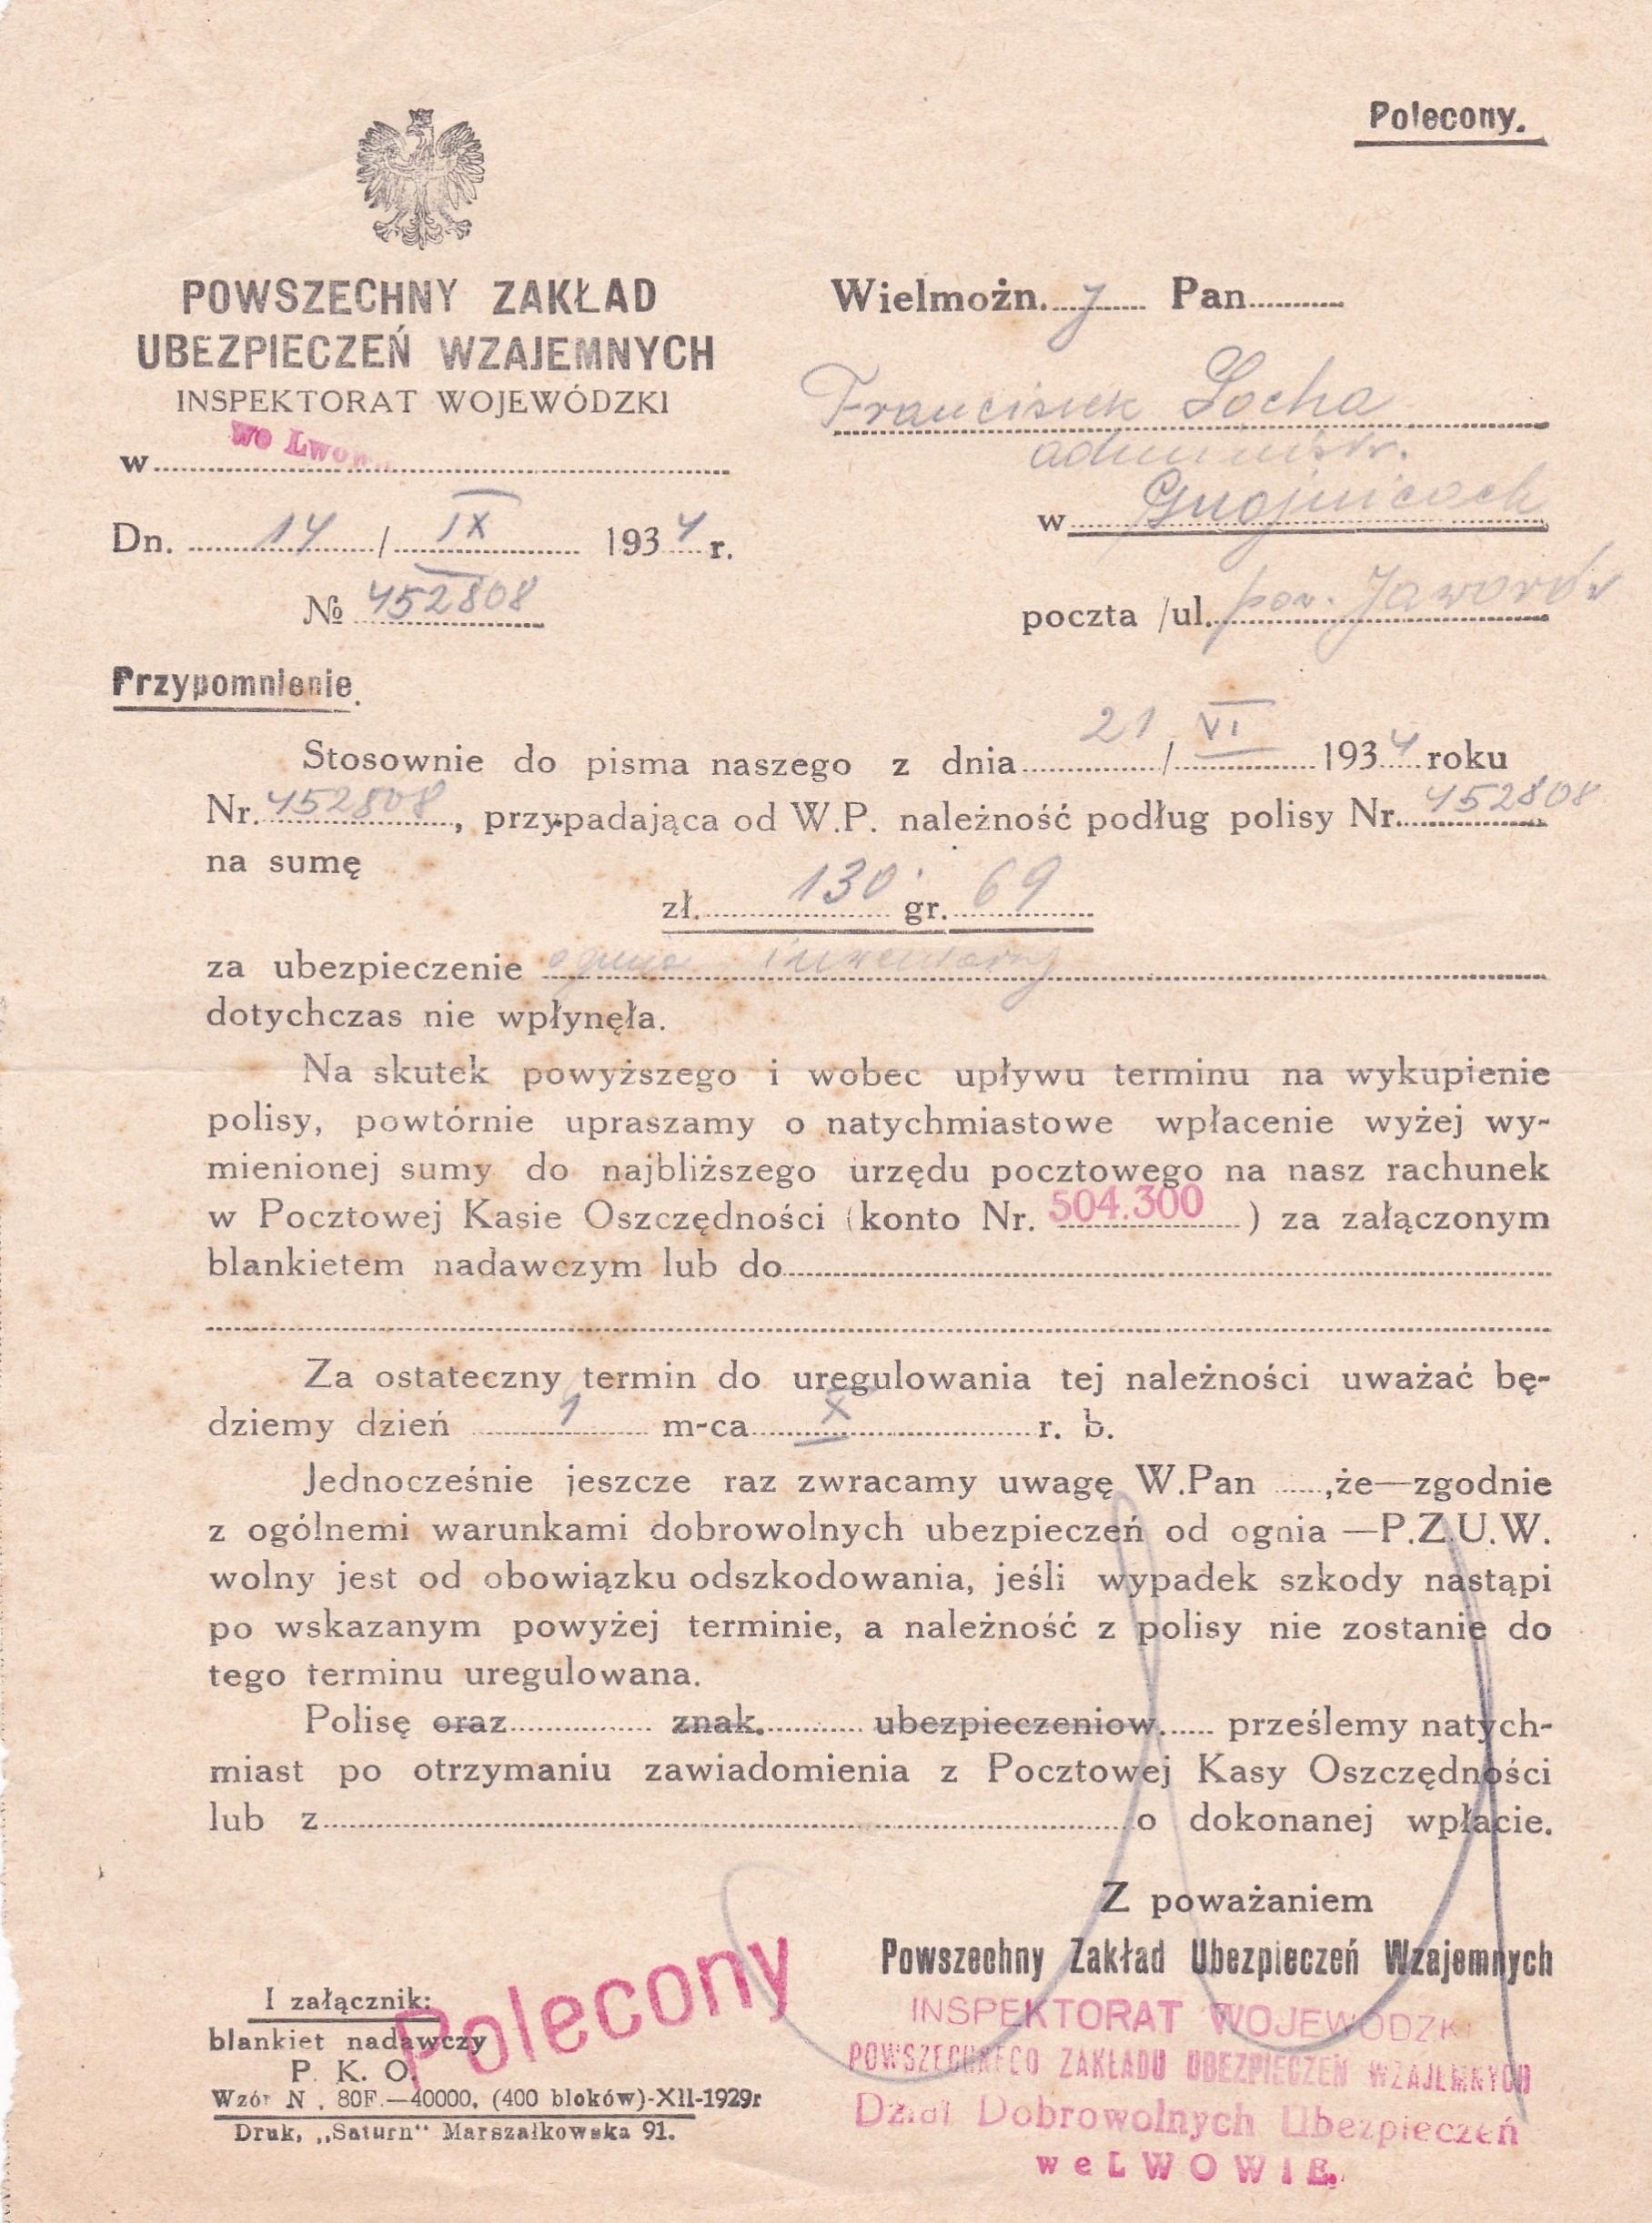 Dokument PZU Wzajemnych -1934 r.